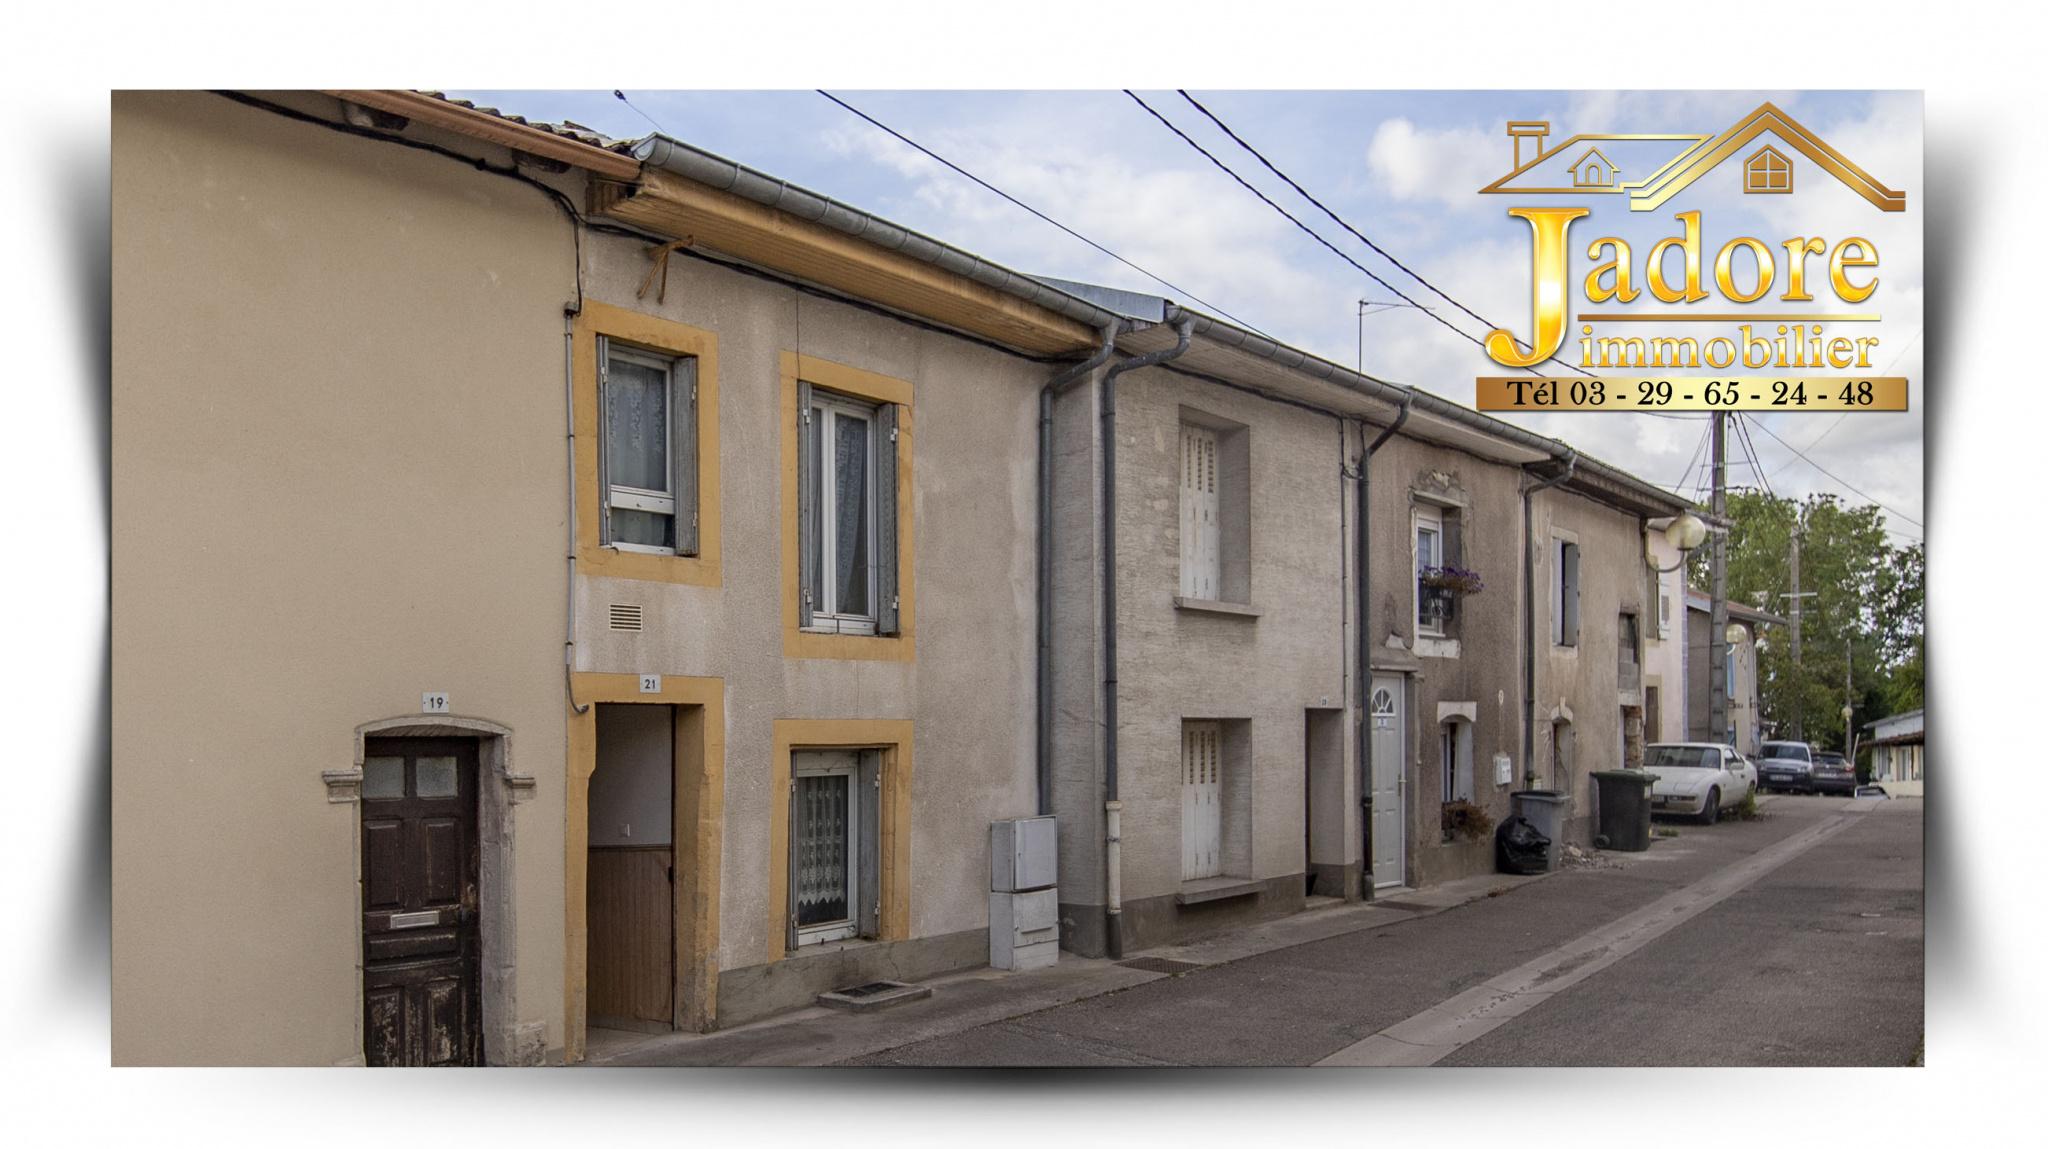 maison/villa à vendre portieux